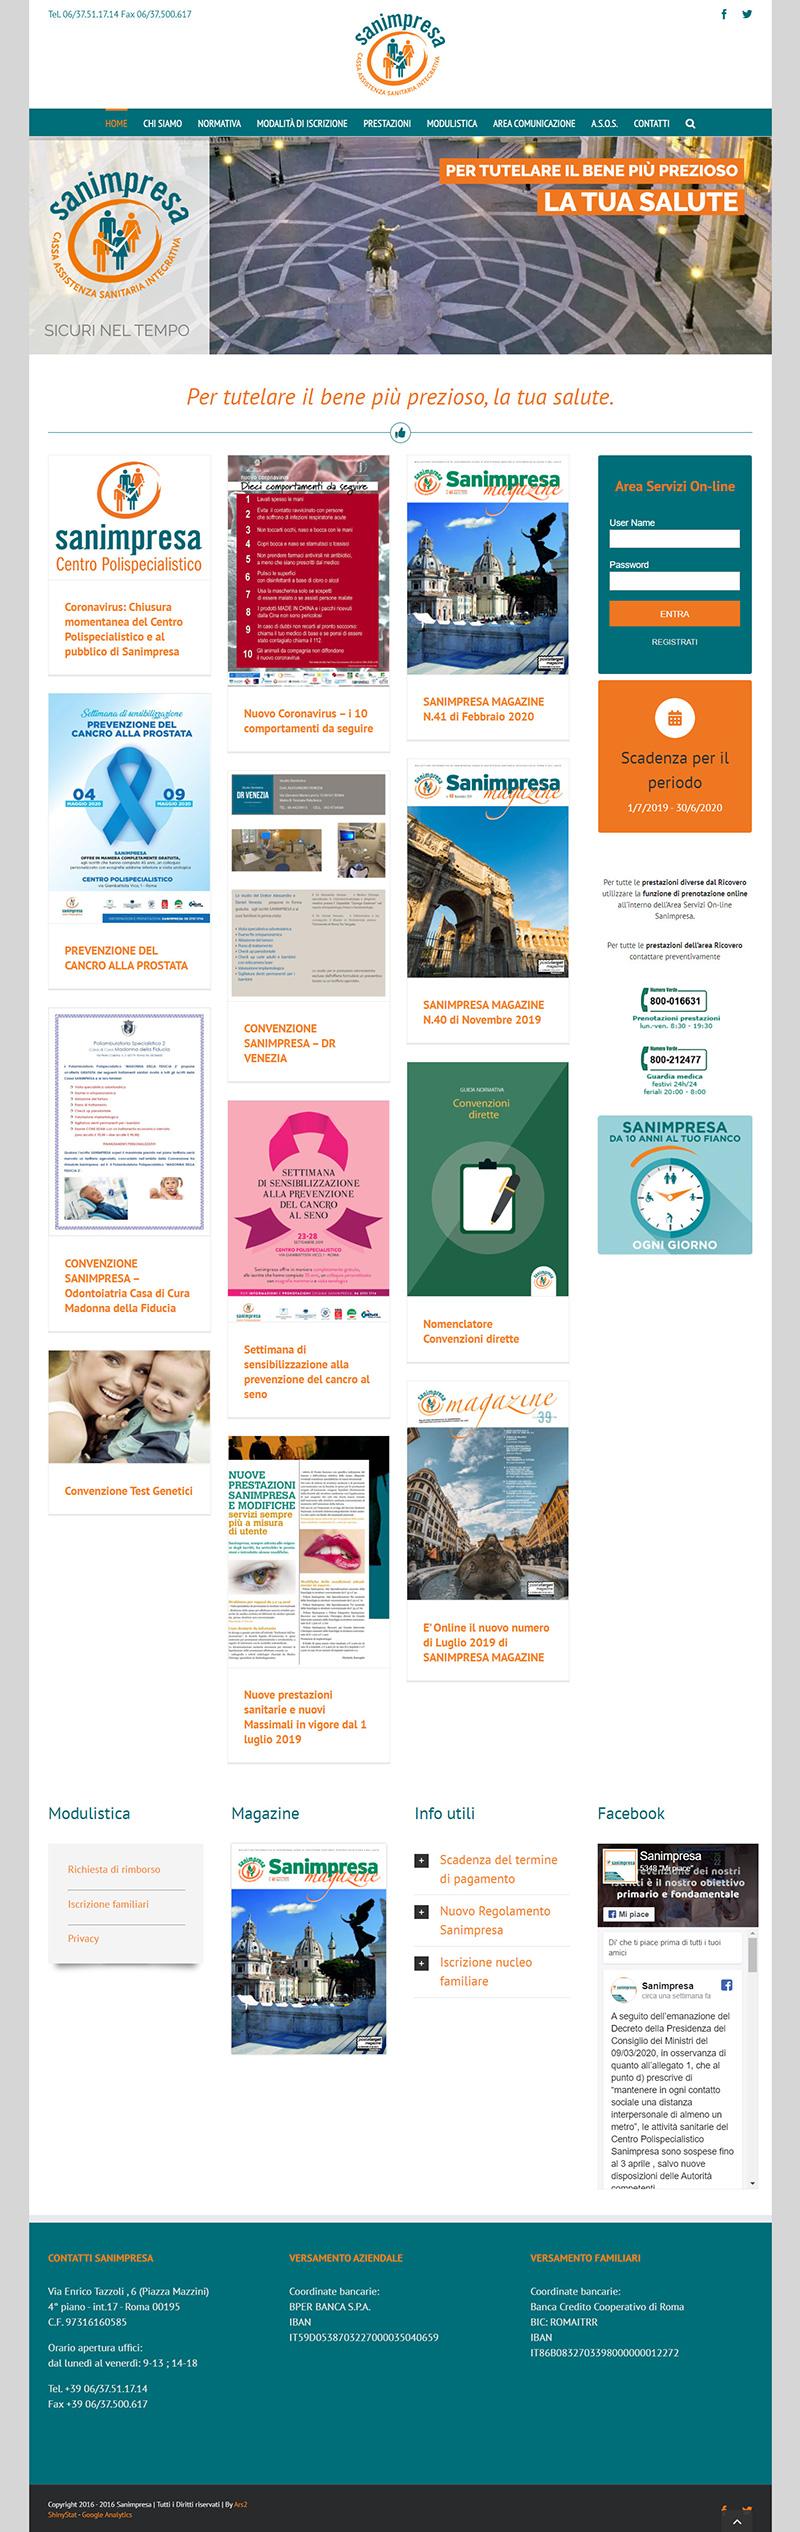 sanimpresa.it - portfolio sito arsdue